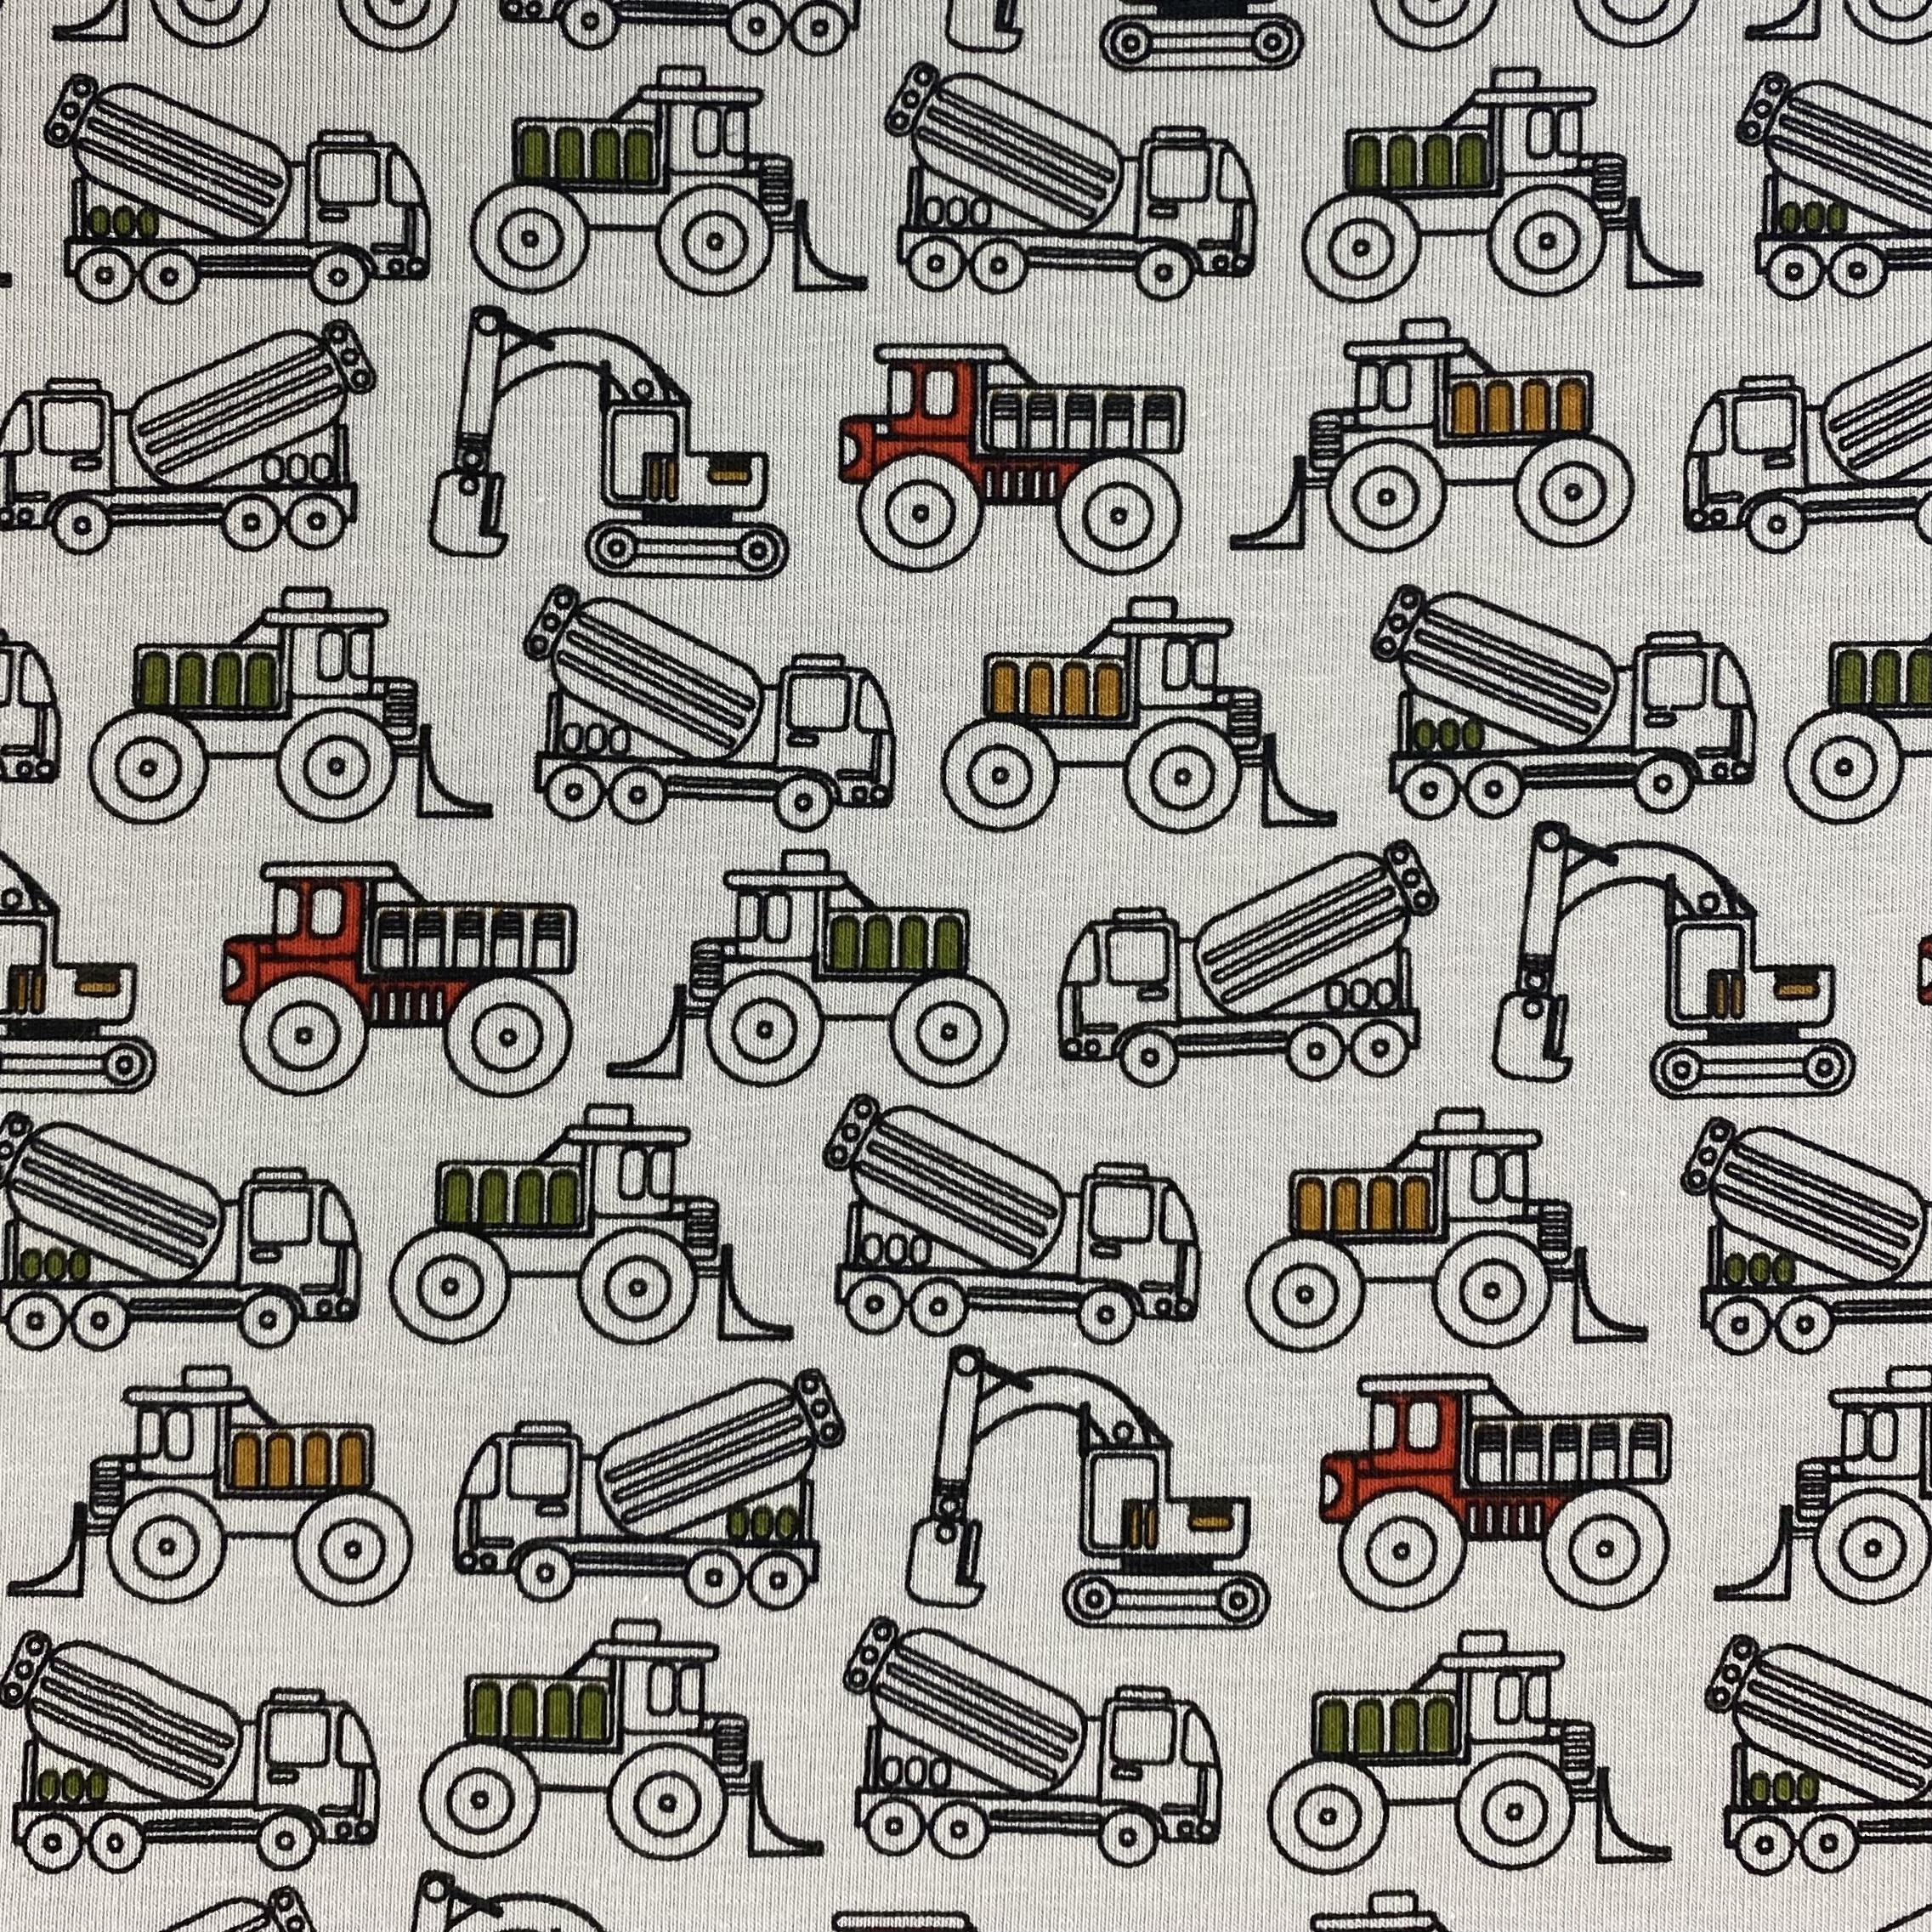 Baumwolljersey, Baufahrzeuge, Stenzo. Art. 10189